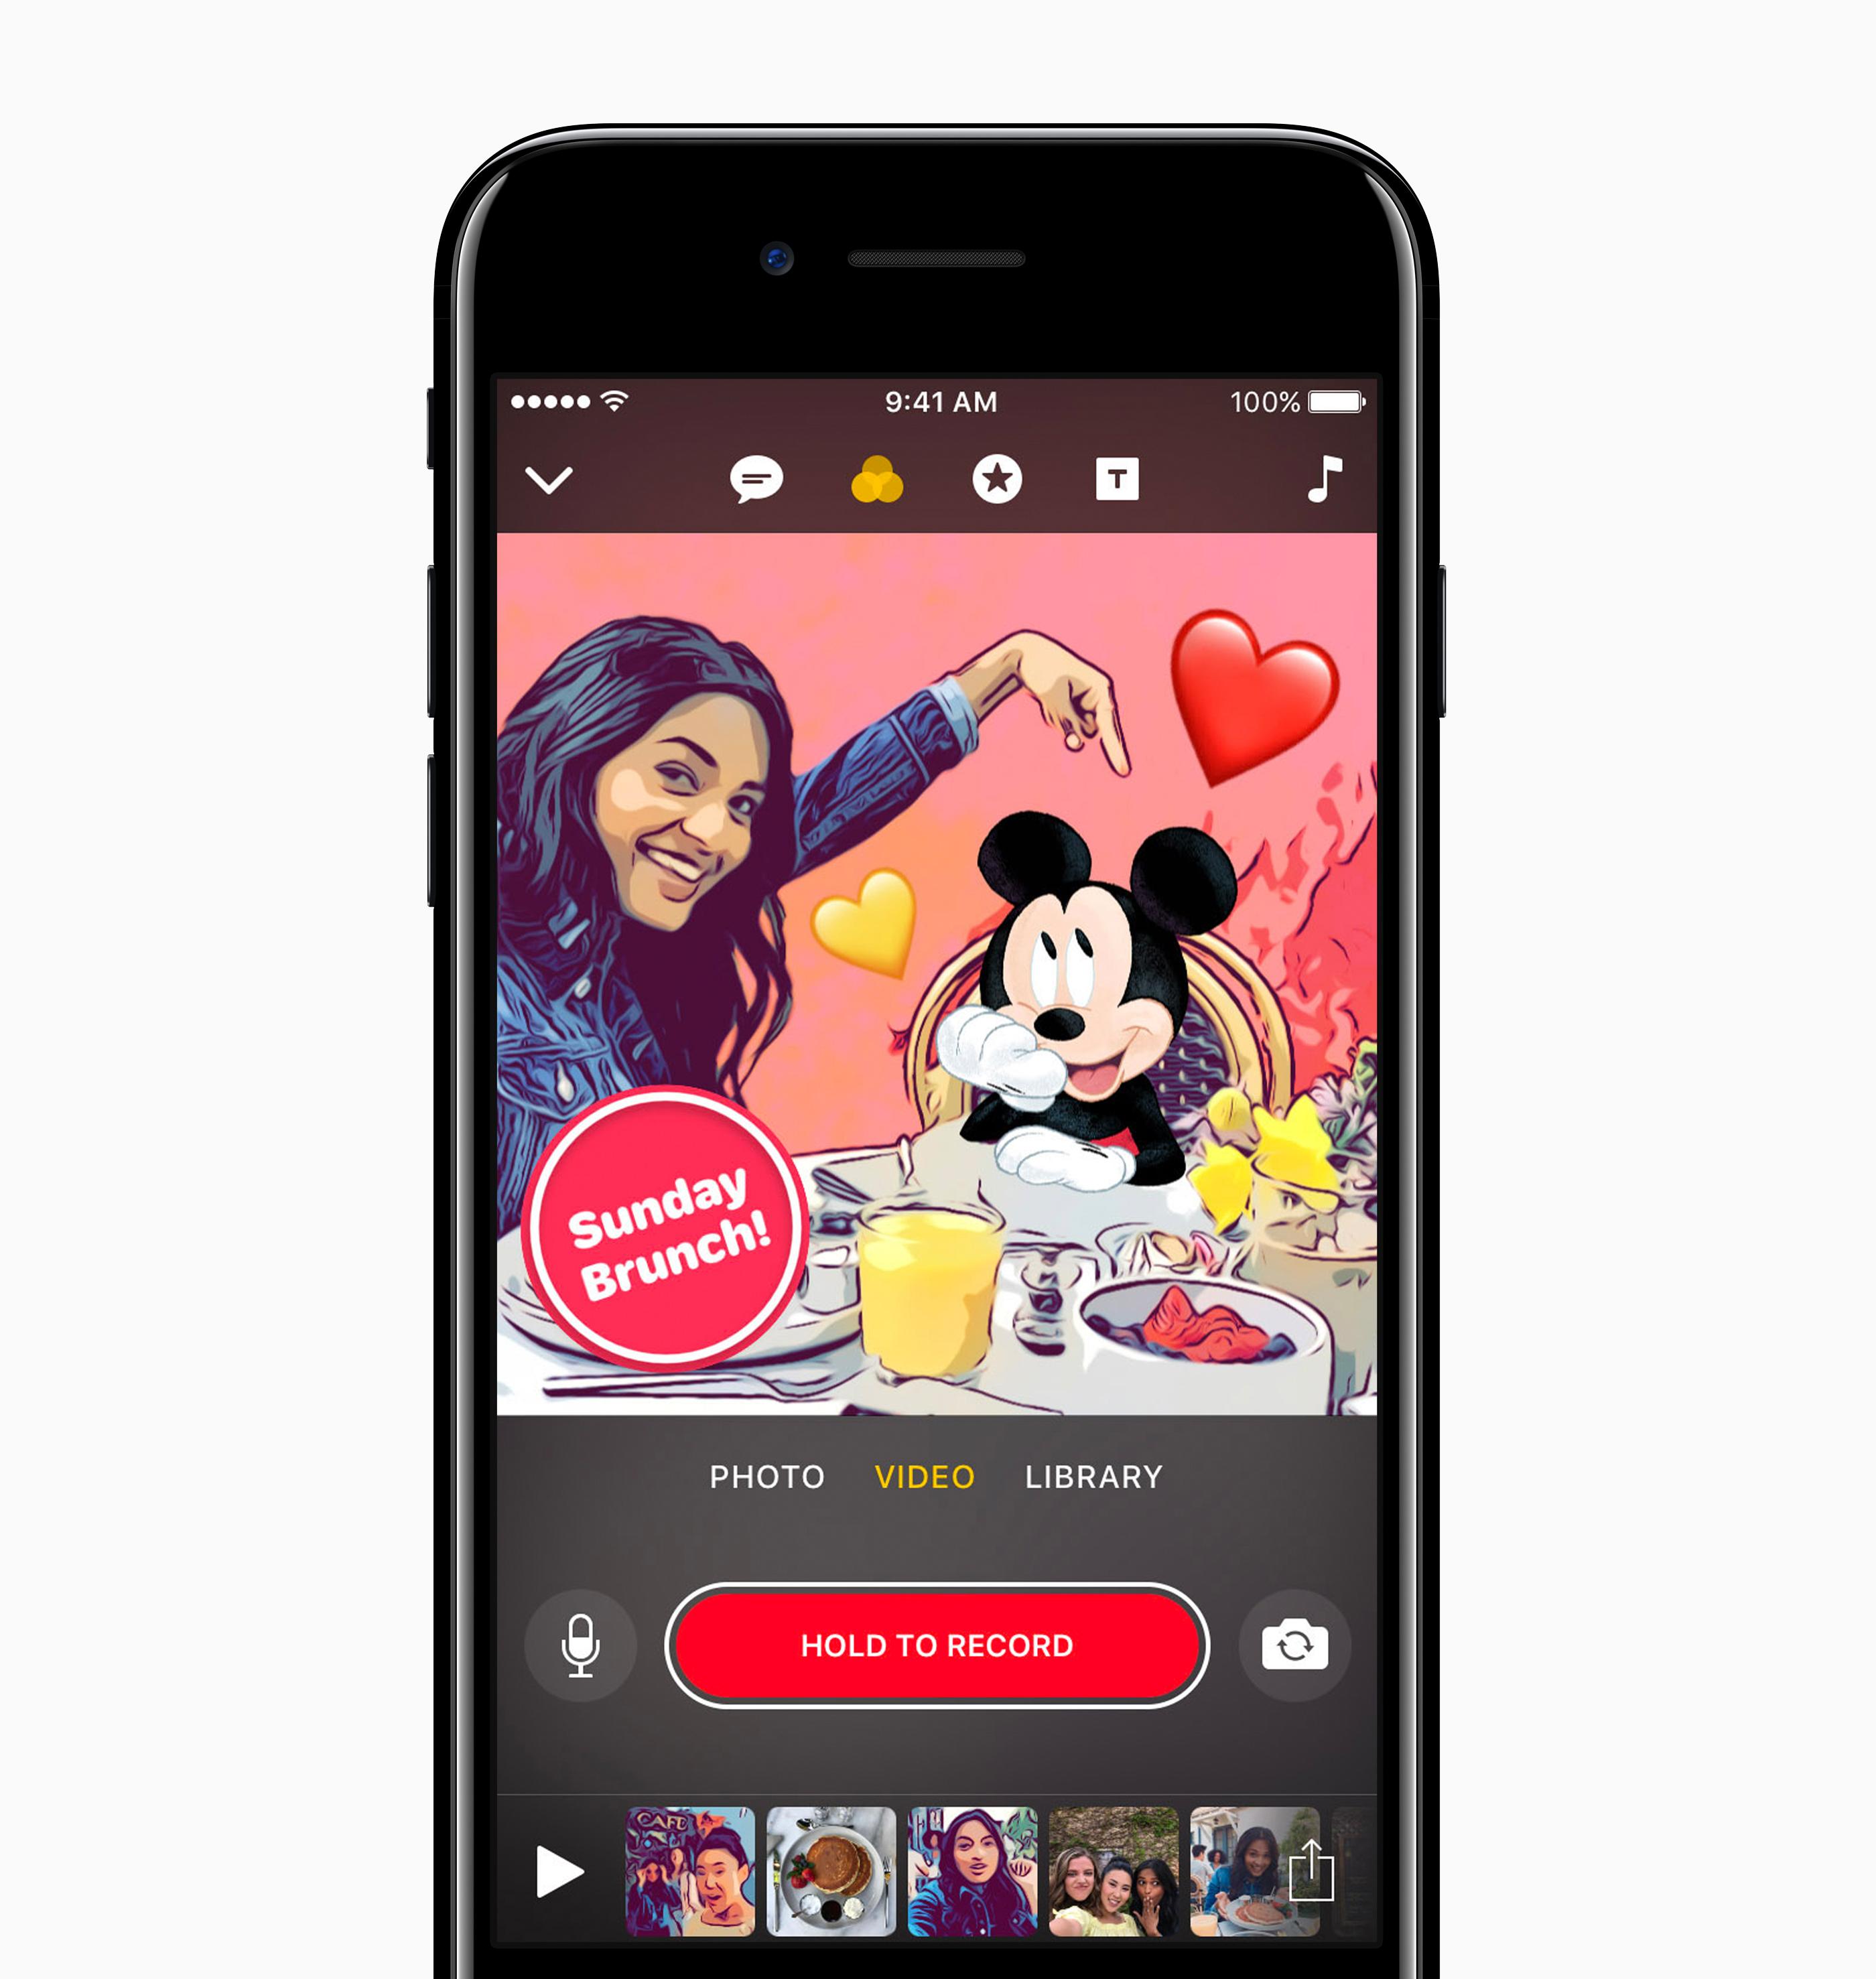 Clips: Video-App von Apple jetzt mit Disney- und Pixar-Charakteren